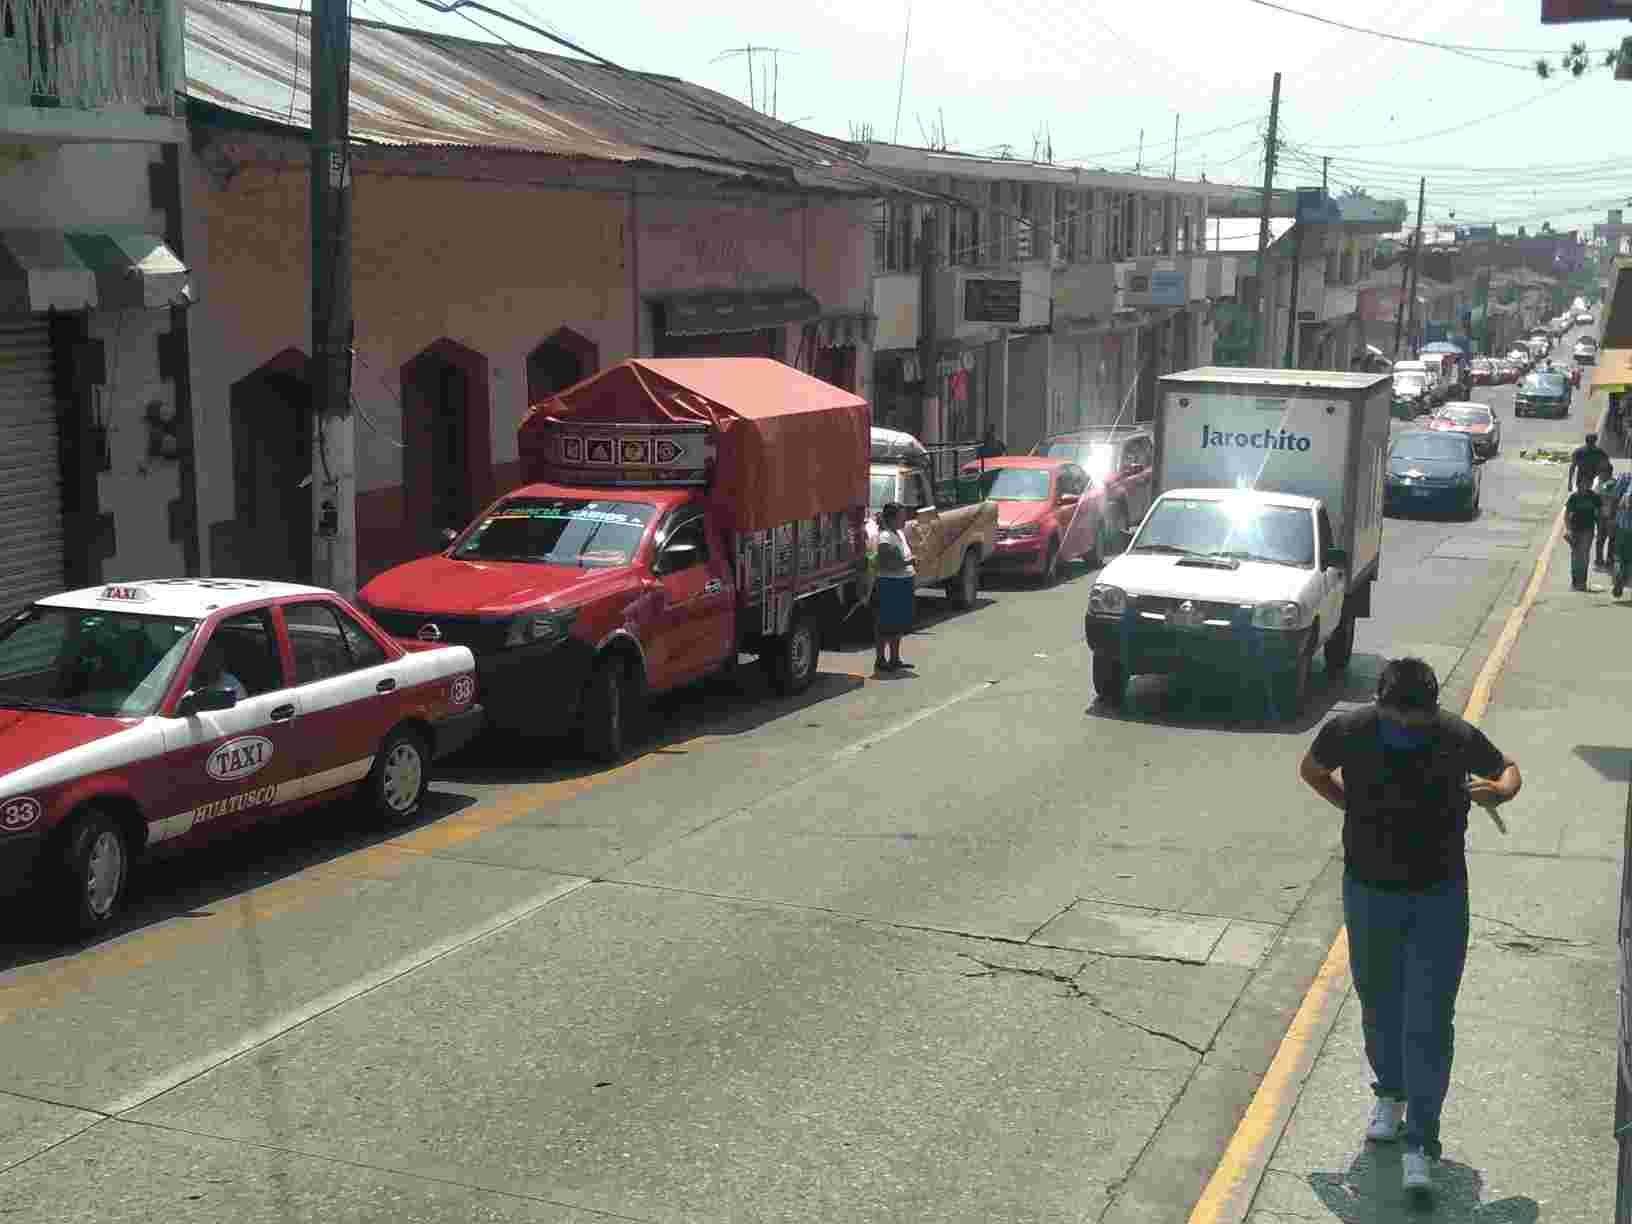 AUMENTA FLUJO DE VEHÍCULOS EN HUATUSCO